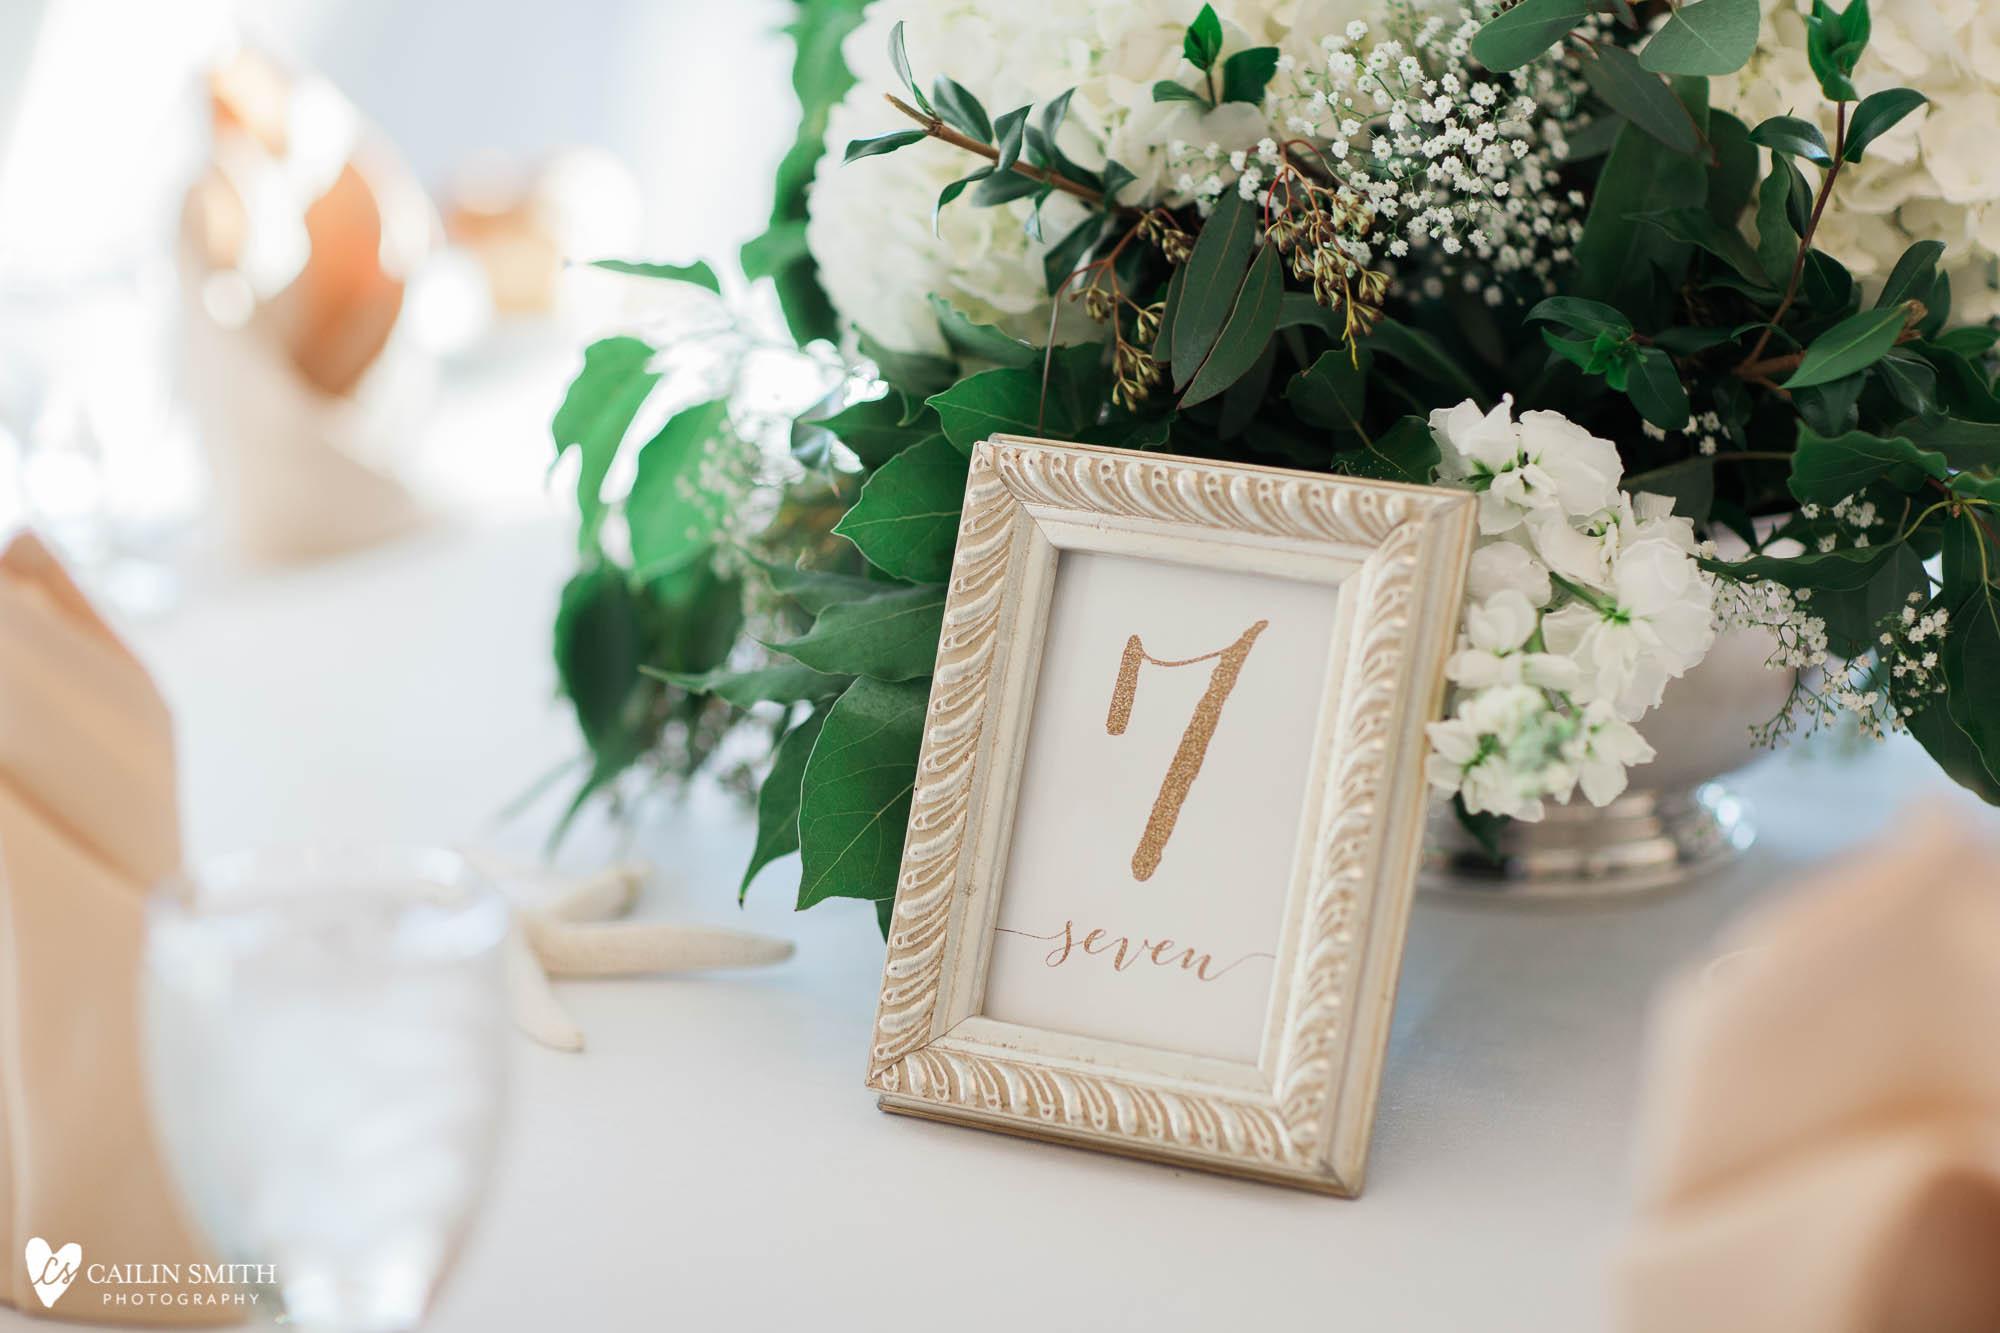 Leah_Major_St_Marys_Wedding_Photography_092.jpg